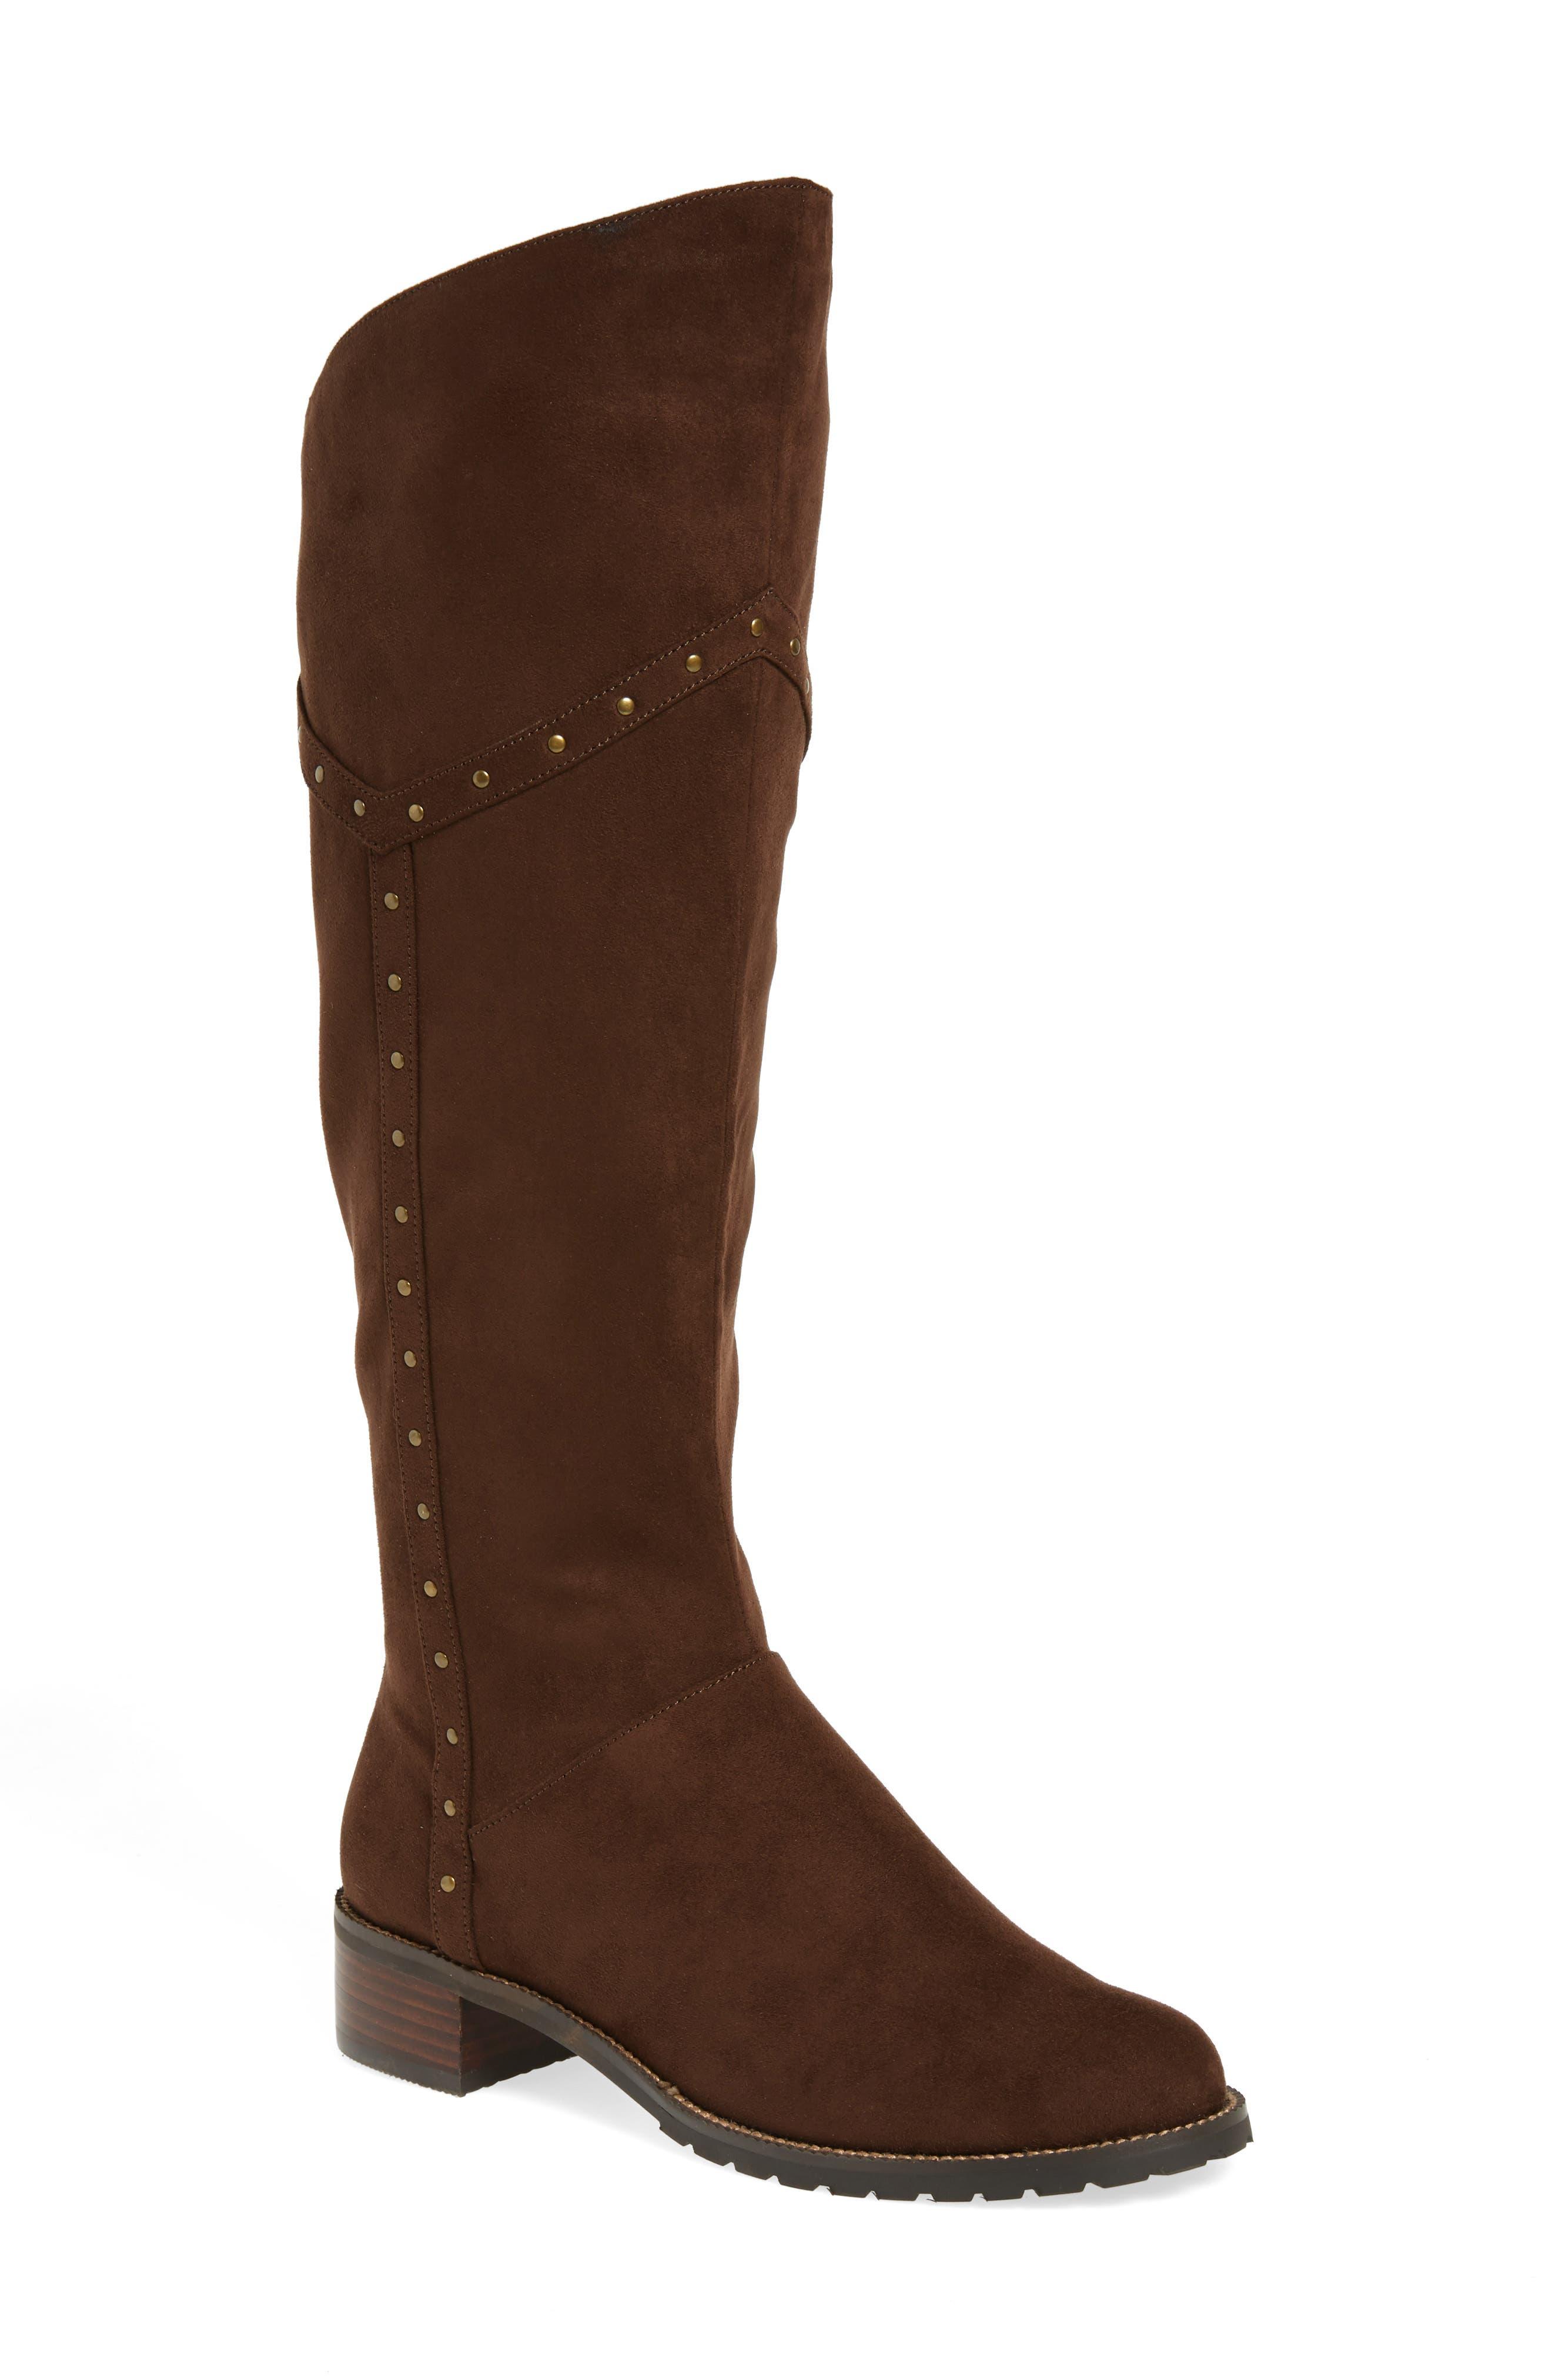 Alternate Image 1 Selected - Bella Vita Alanis II Tall Boot (Women)